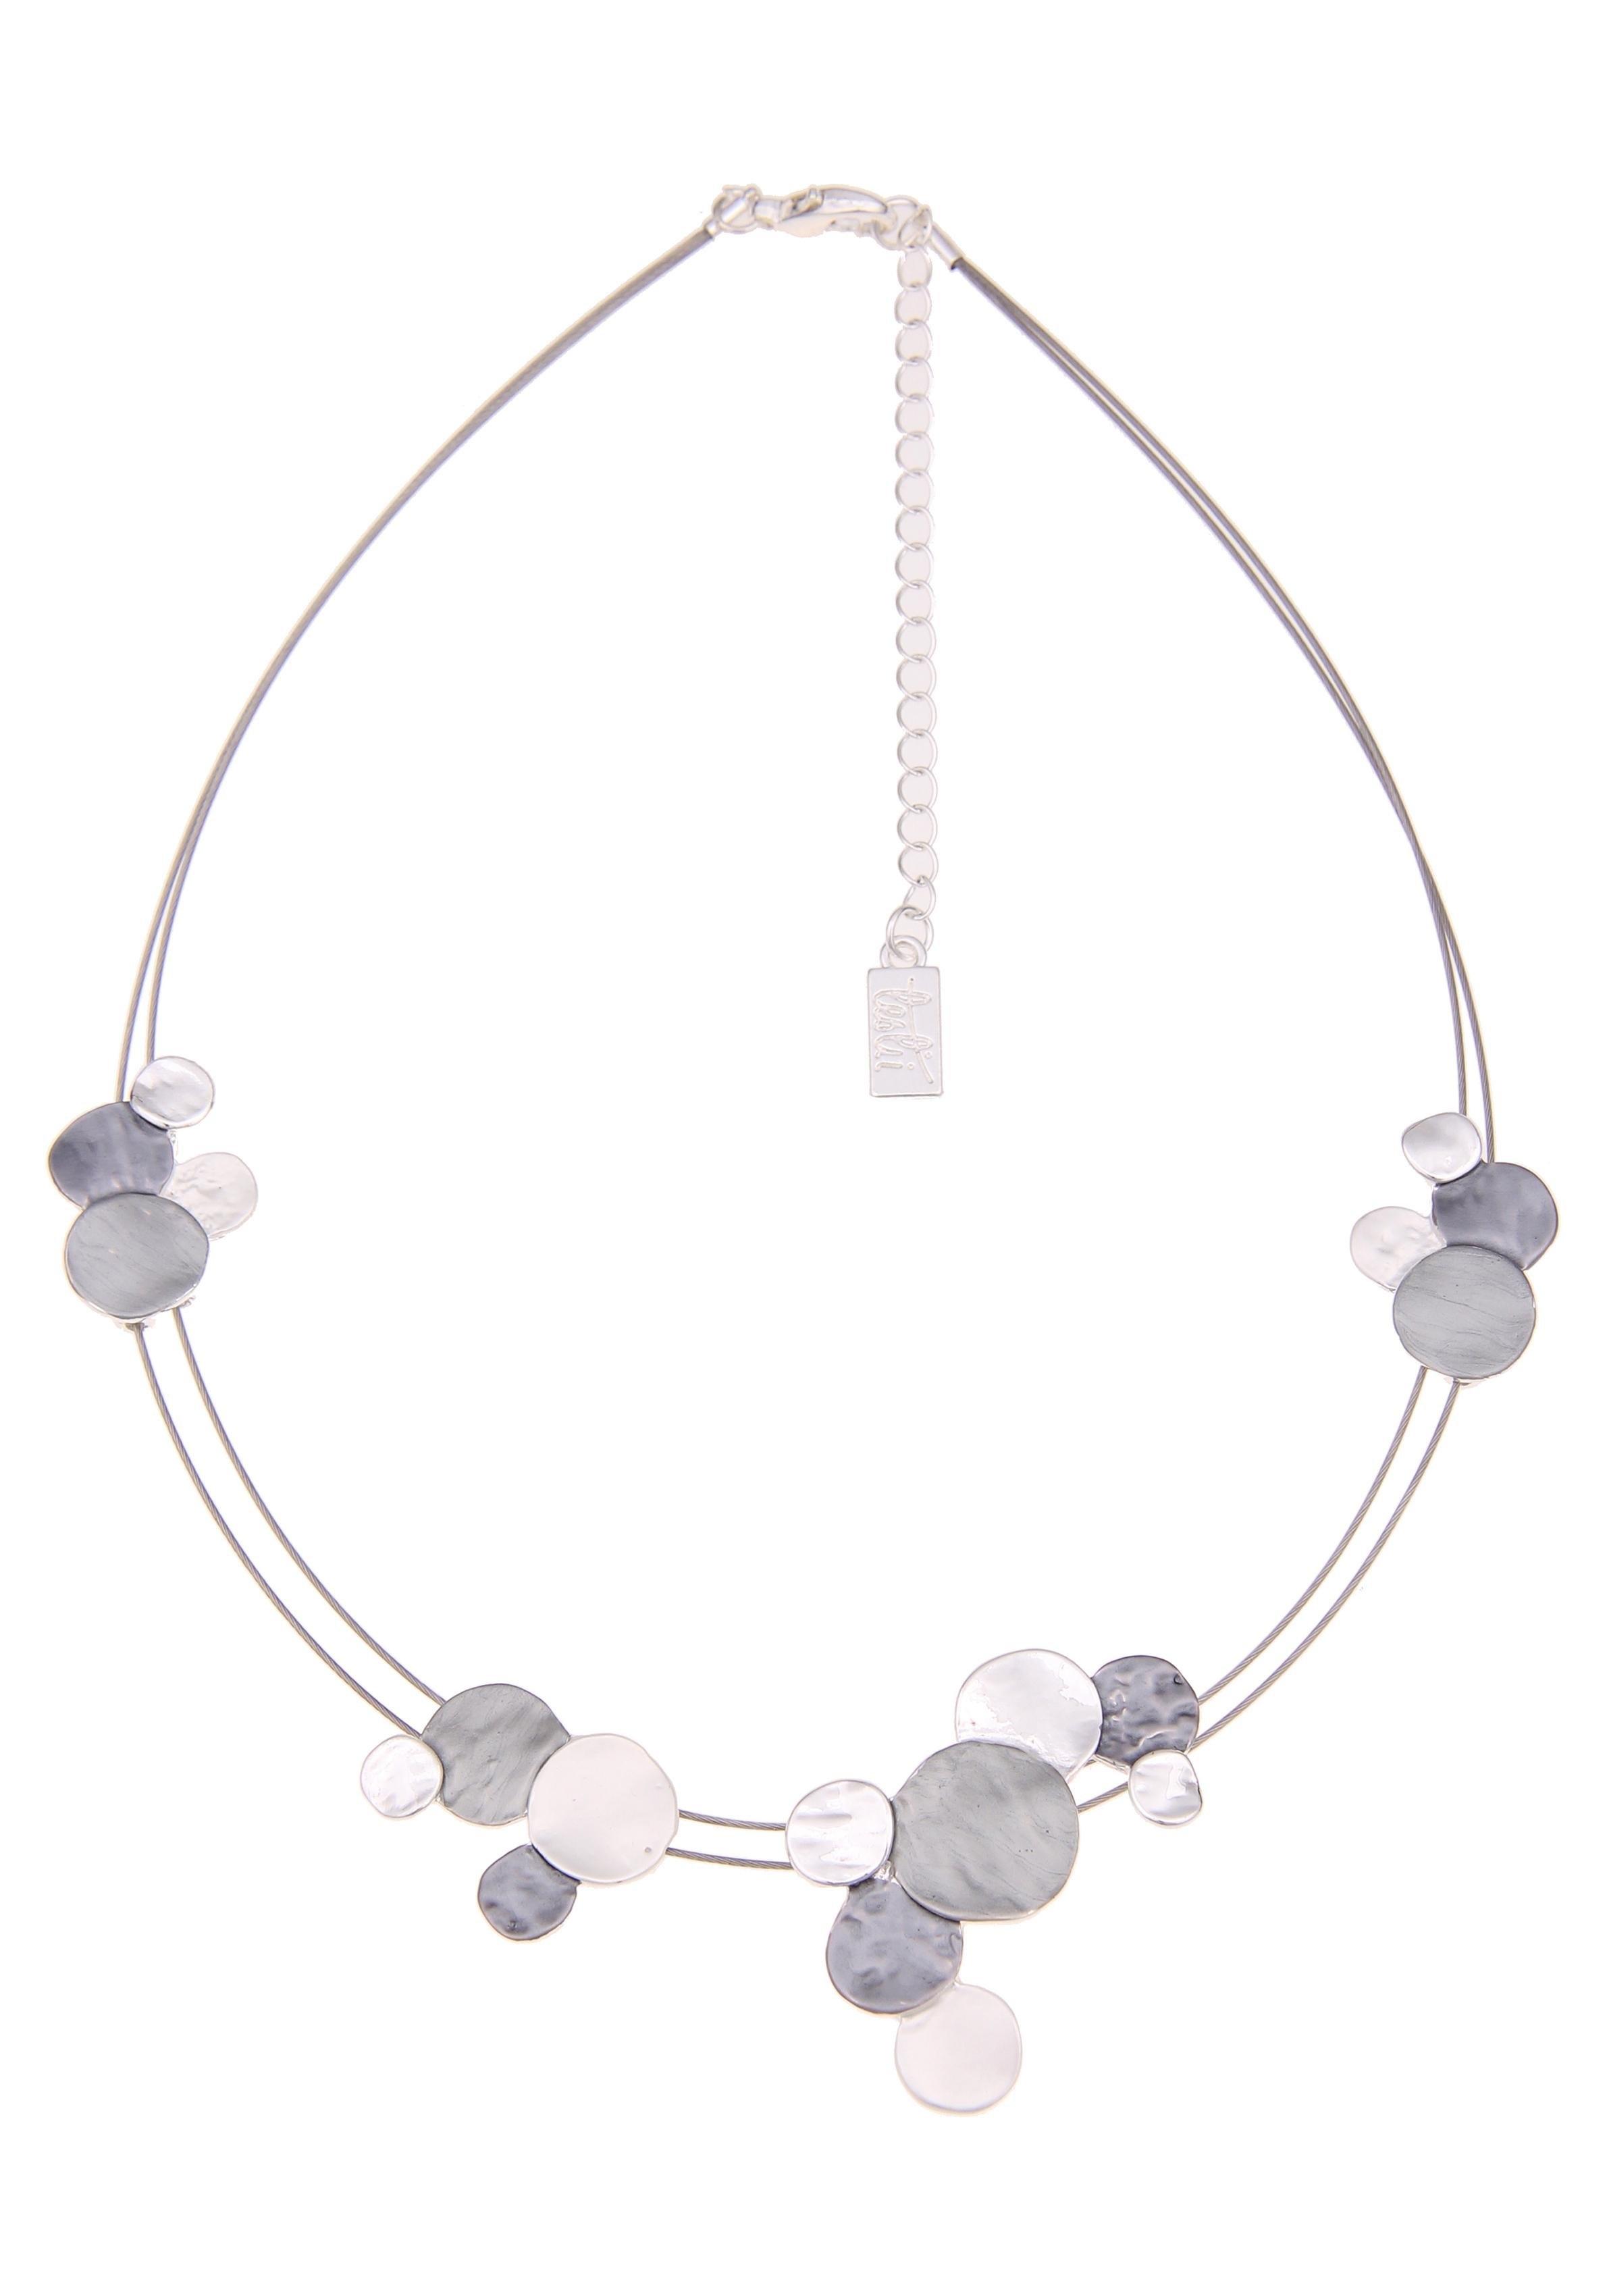 Leslii ketting met hanger »Dubbele ring in zilver grijs, 210116968« bestellen: 14 dagen bedenktijd